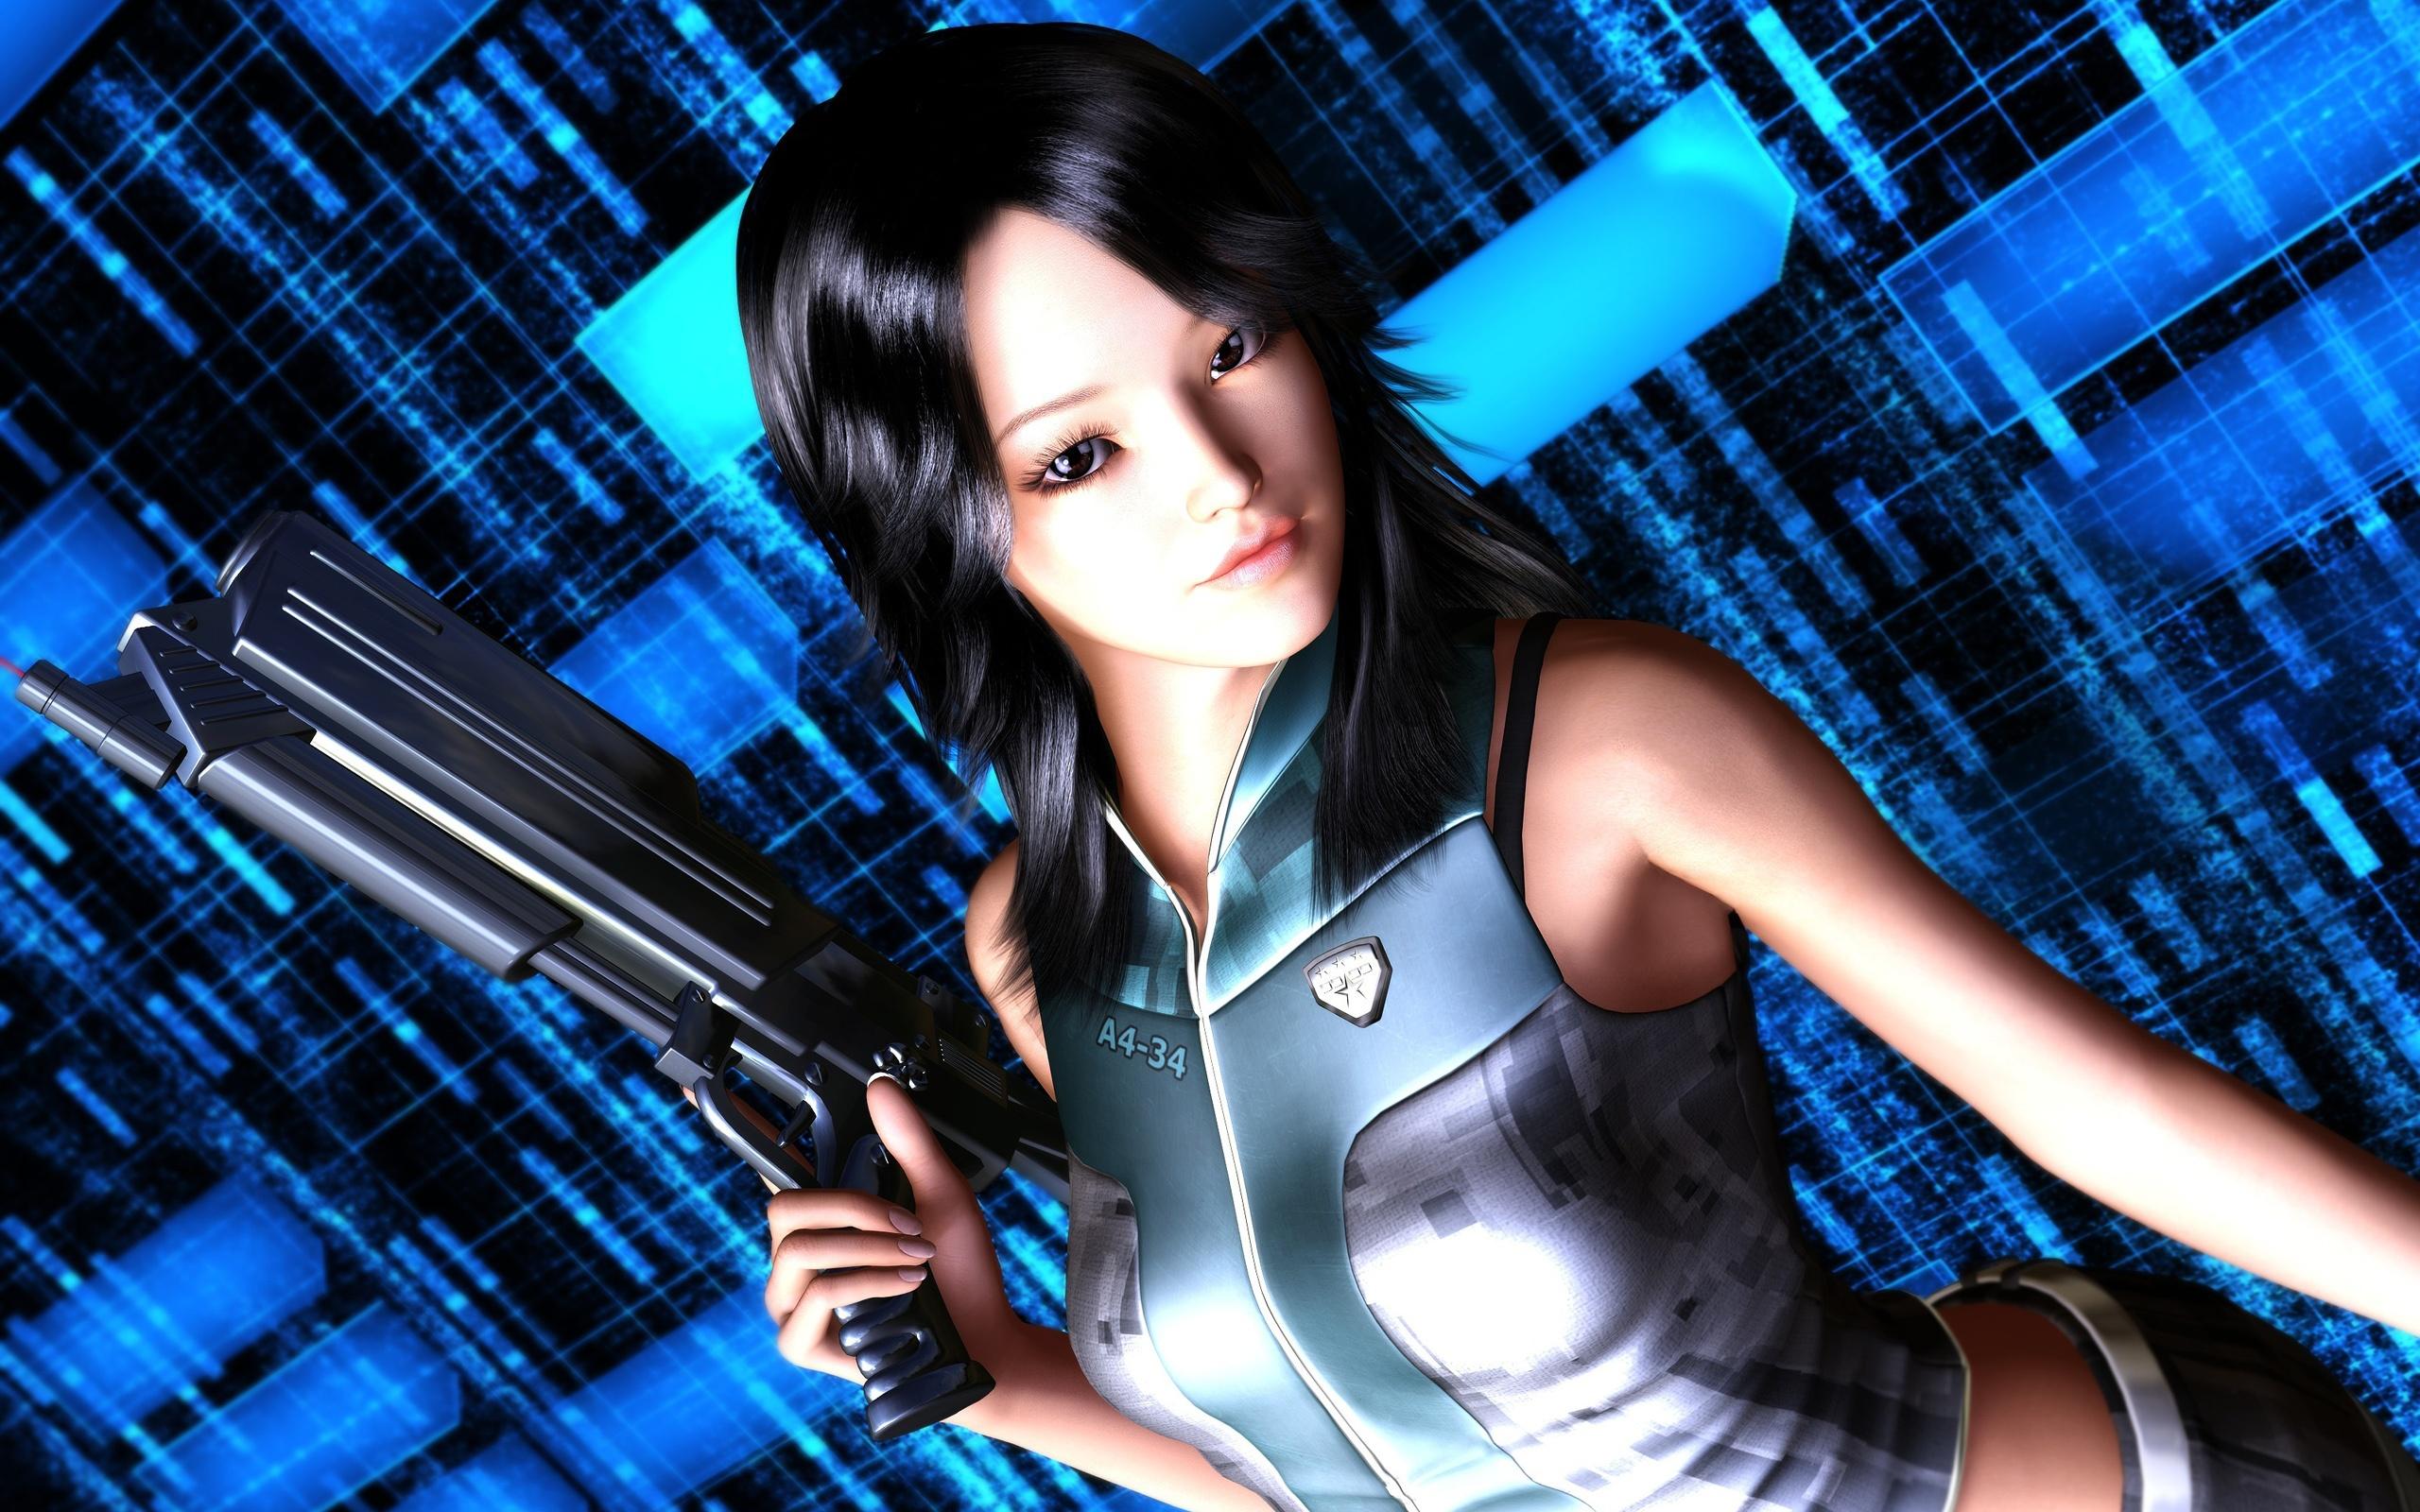 Wallpaper 3d Asian Girl Black Hair Hold A Gun 2560x1600